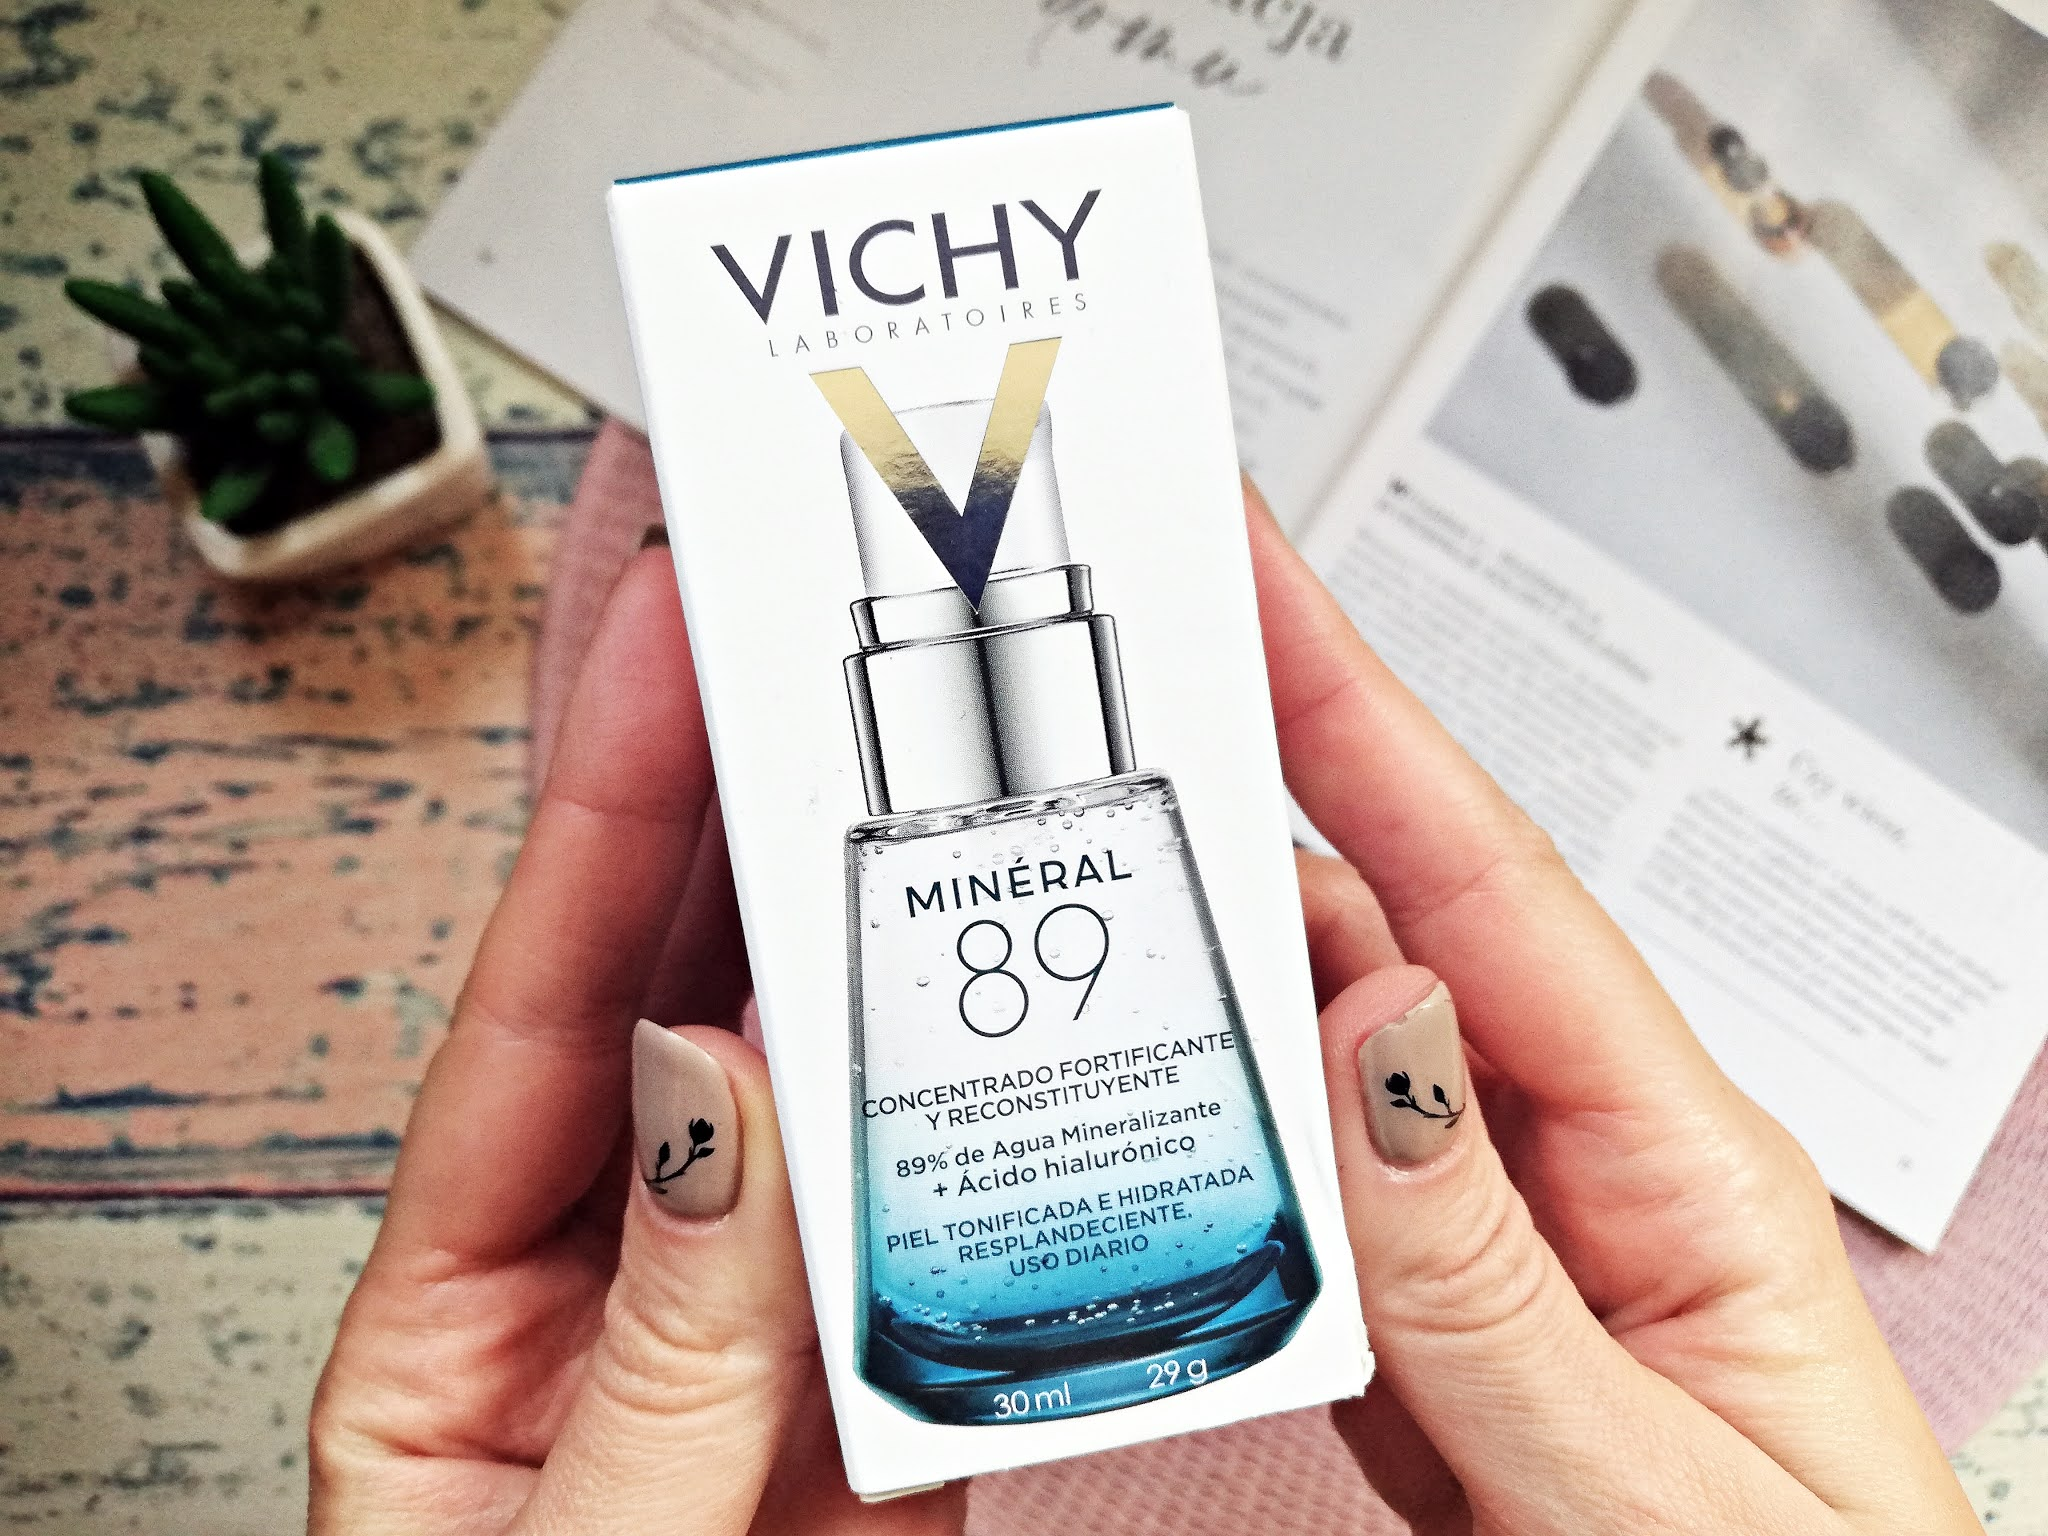 Vichy, Mineral 89, Fortifying and Plumping Daily Booster (Booster wzmacniająco-nawilżający z kwasem hialuronowym)